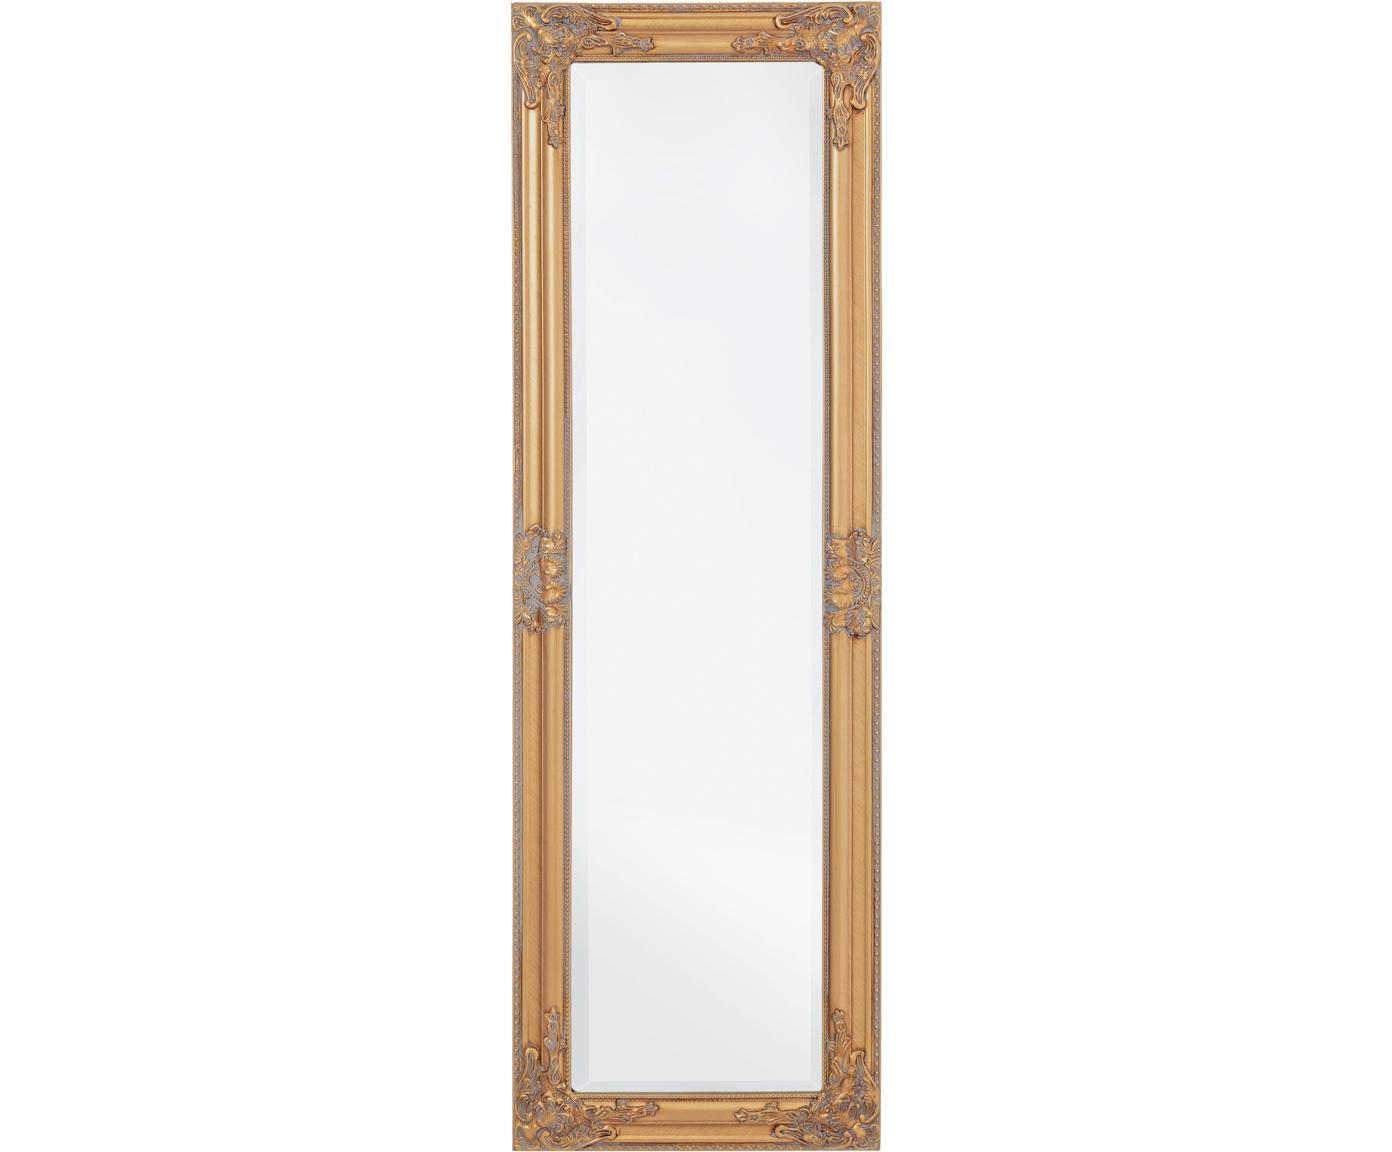 Specchio da parete Miro, Cornice: legno, rivestito, Superficie dello specchio: lastra di vetro, Dorato, Larg. 42 x Alt. 132 cm